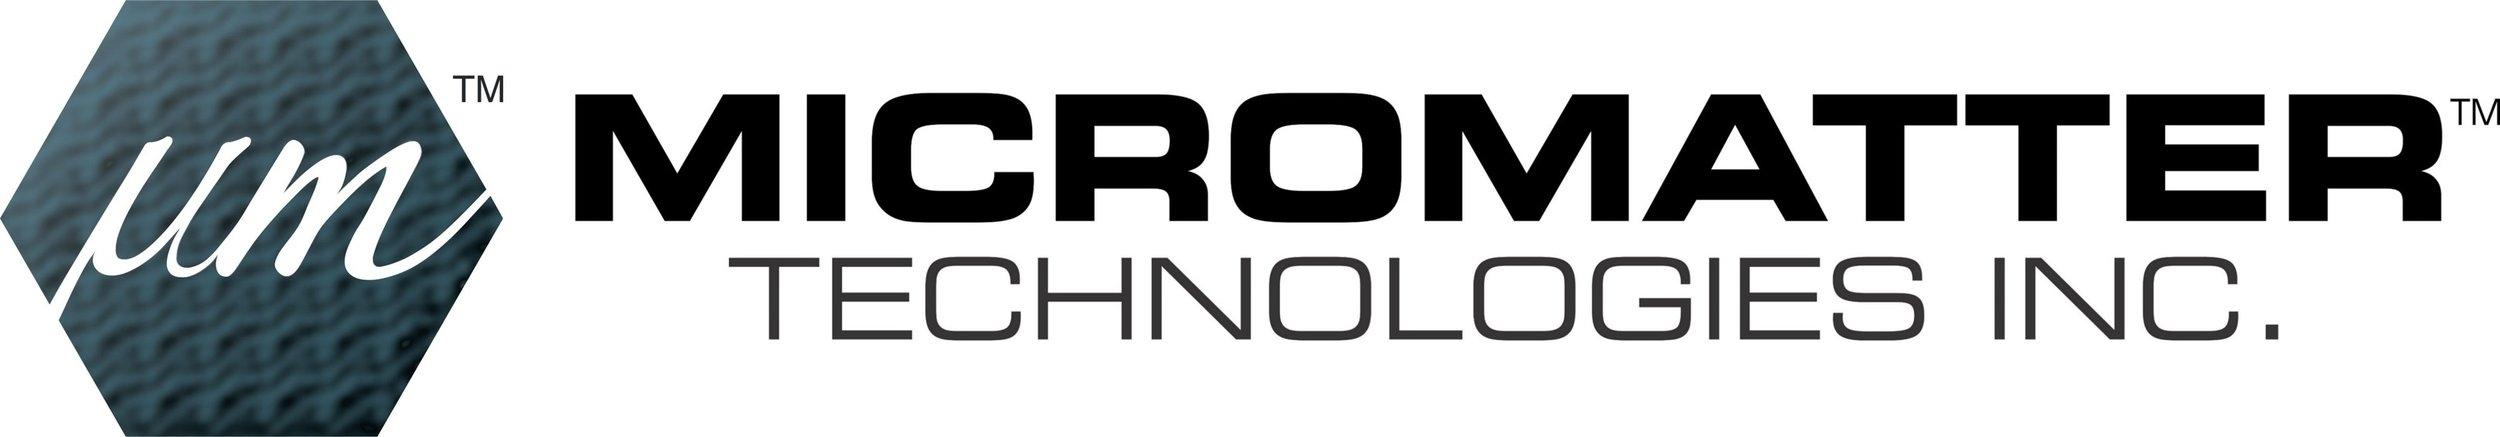 micromatter logo.jpg